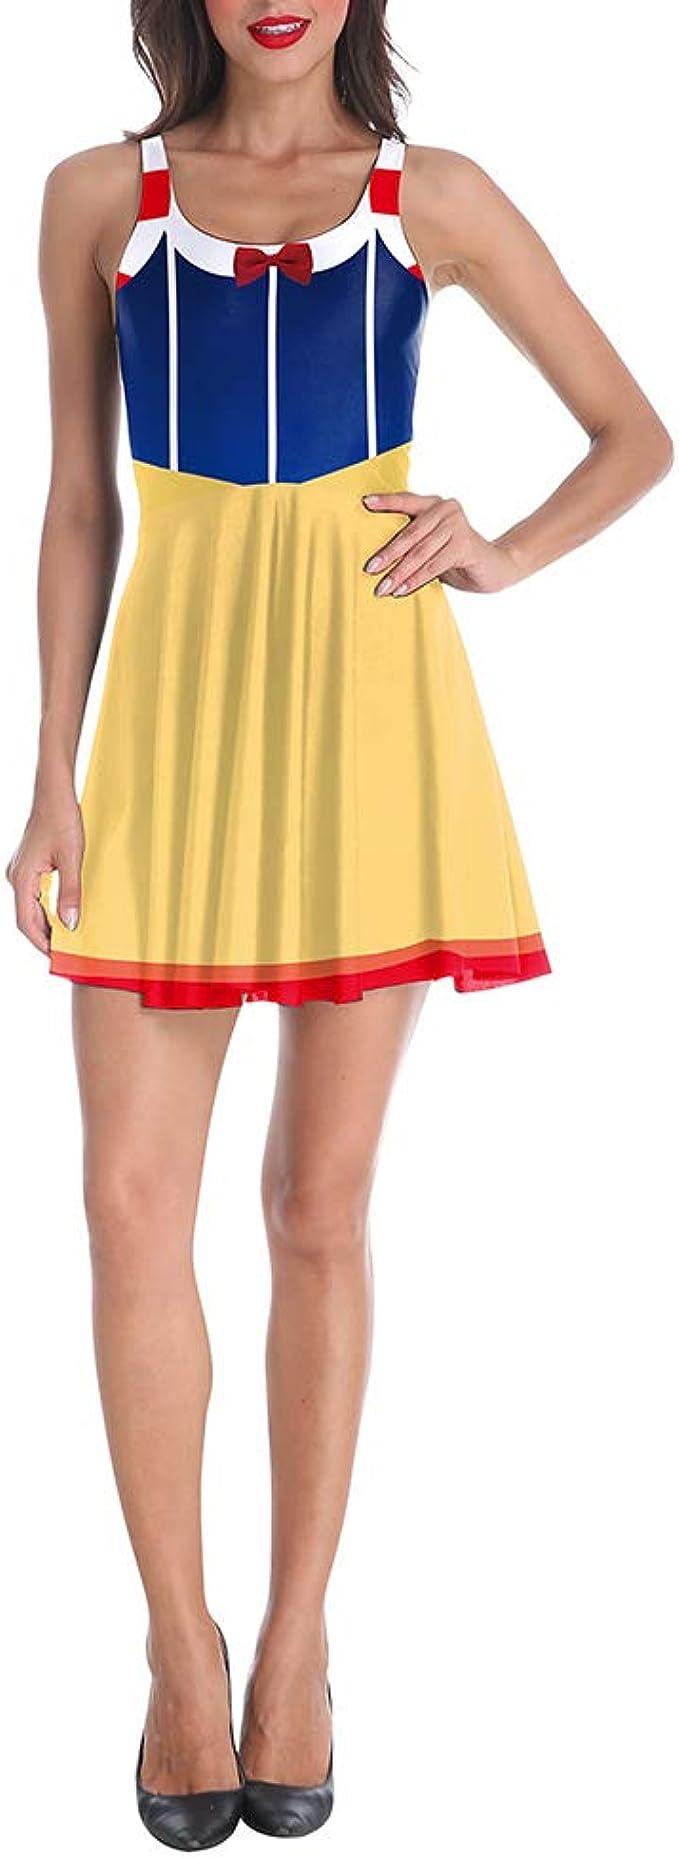 Disfraz de Enfermera de Zombie para niñas Traje de Cosplay de ...